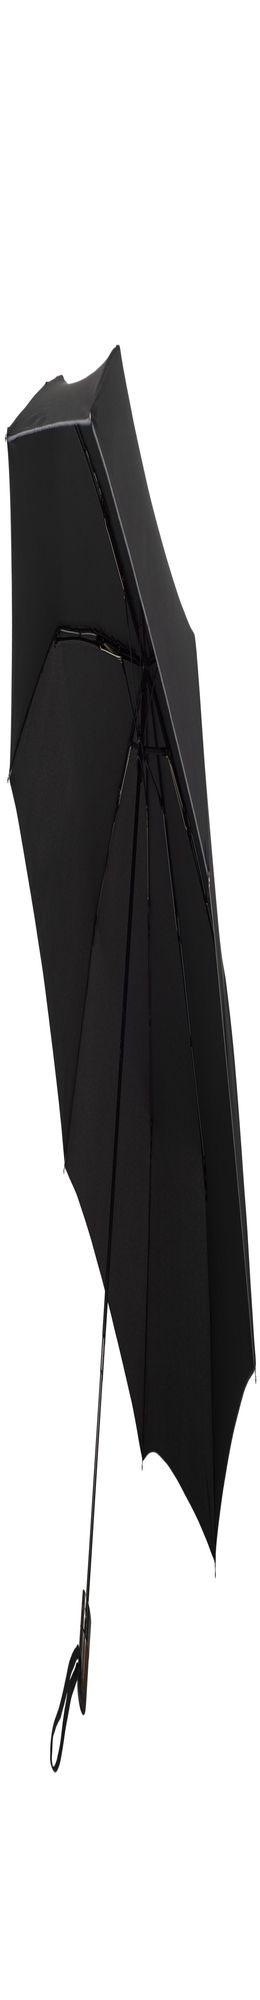 Складной зонт Wood Classic с прямой ручкой и серой окантовкой, черный фото